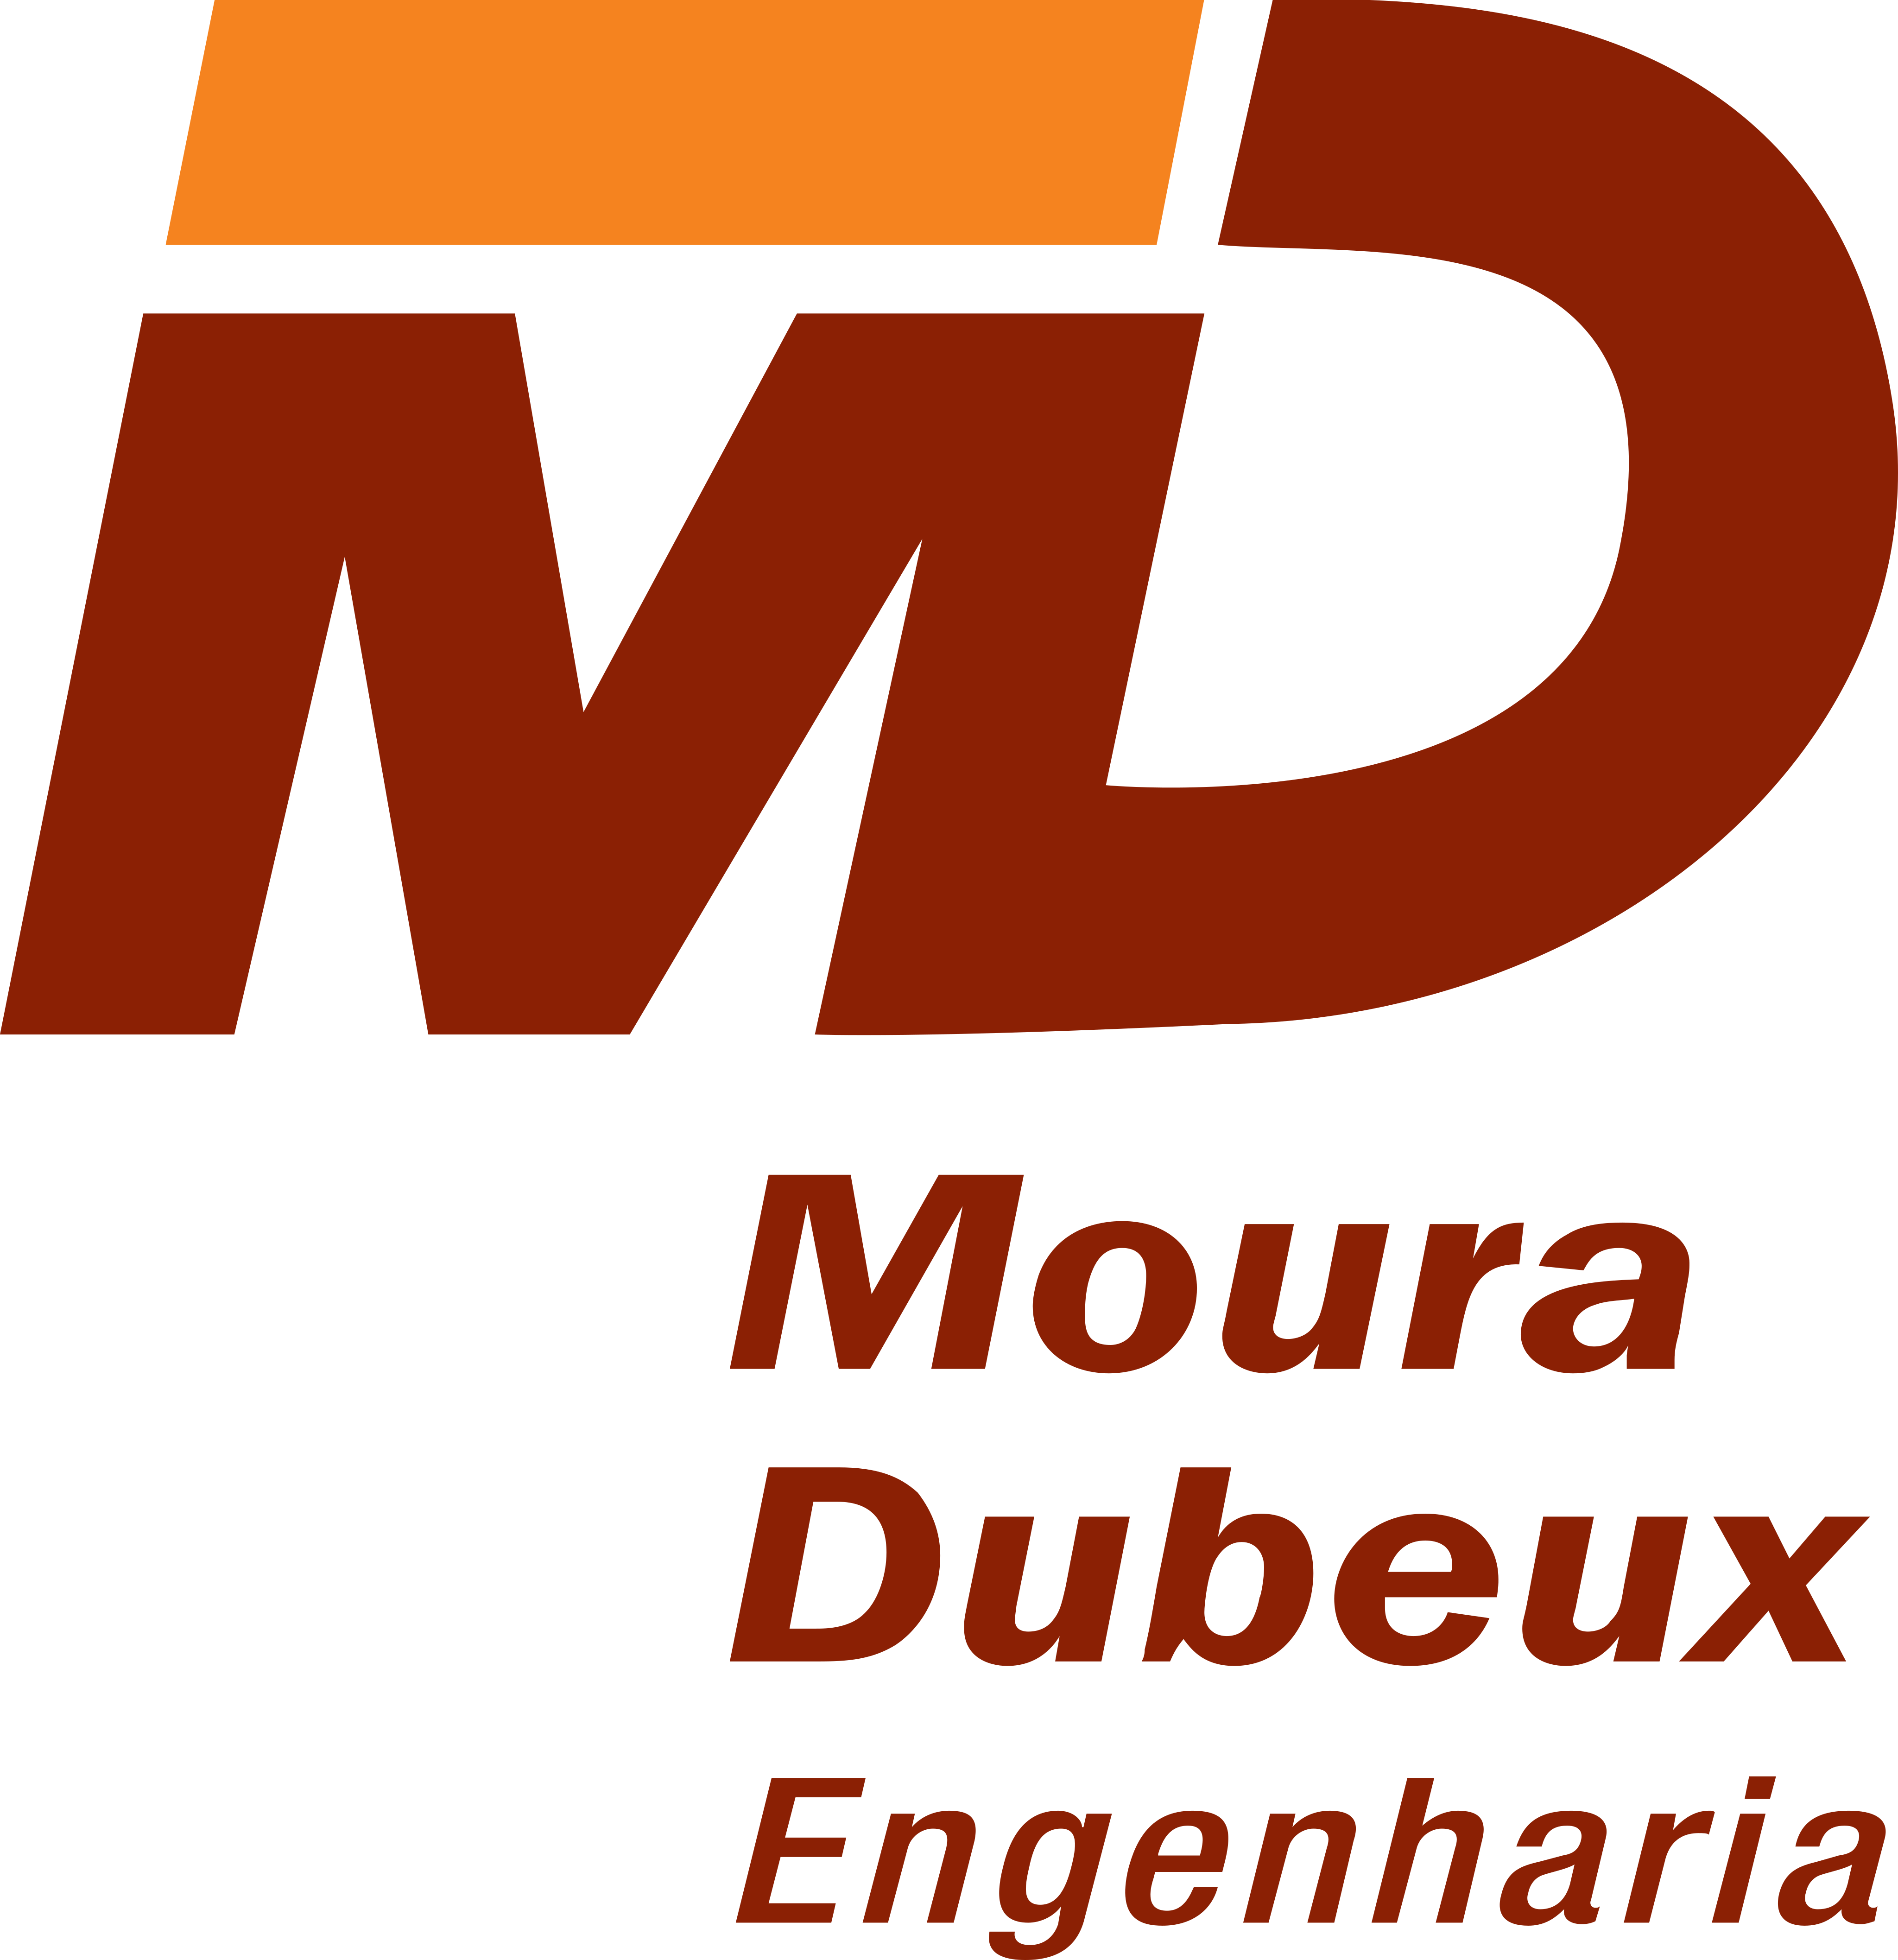 Moura Dubeux Logo.